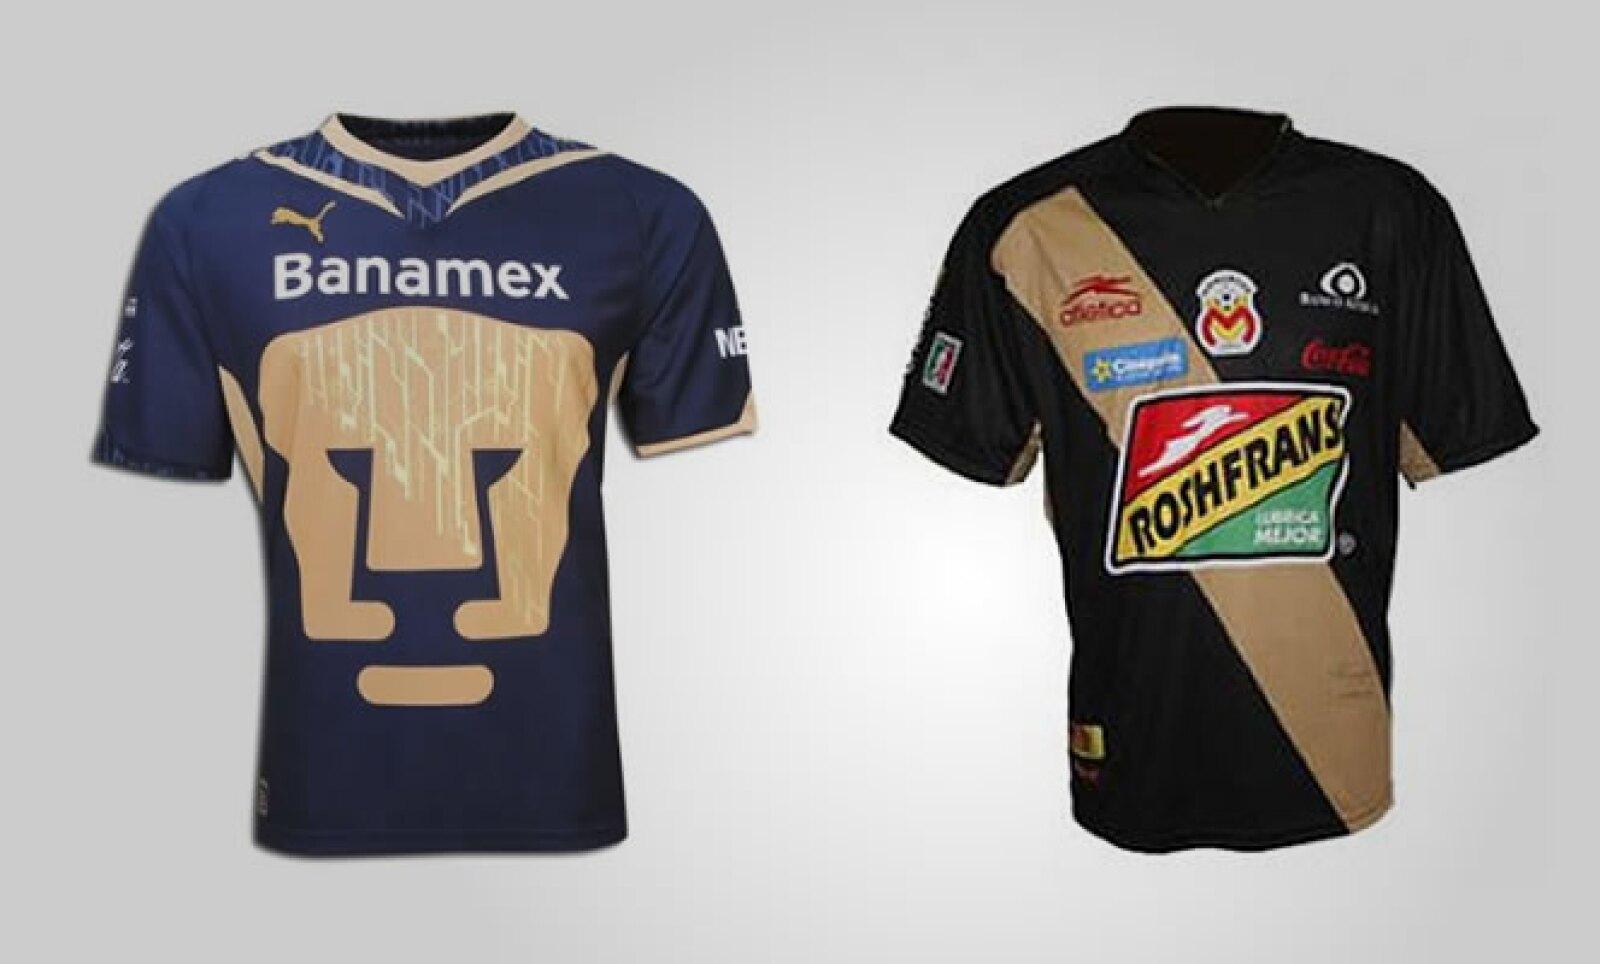 El uniforme de visitante de Pumas cuesta 854 pesos; por su parte, el de Monarcas tiene un costo de 199 pesos.